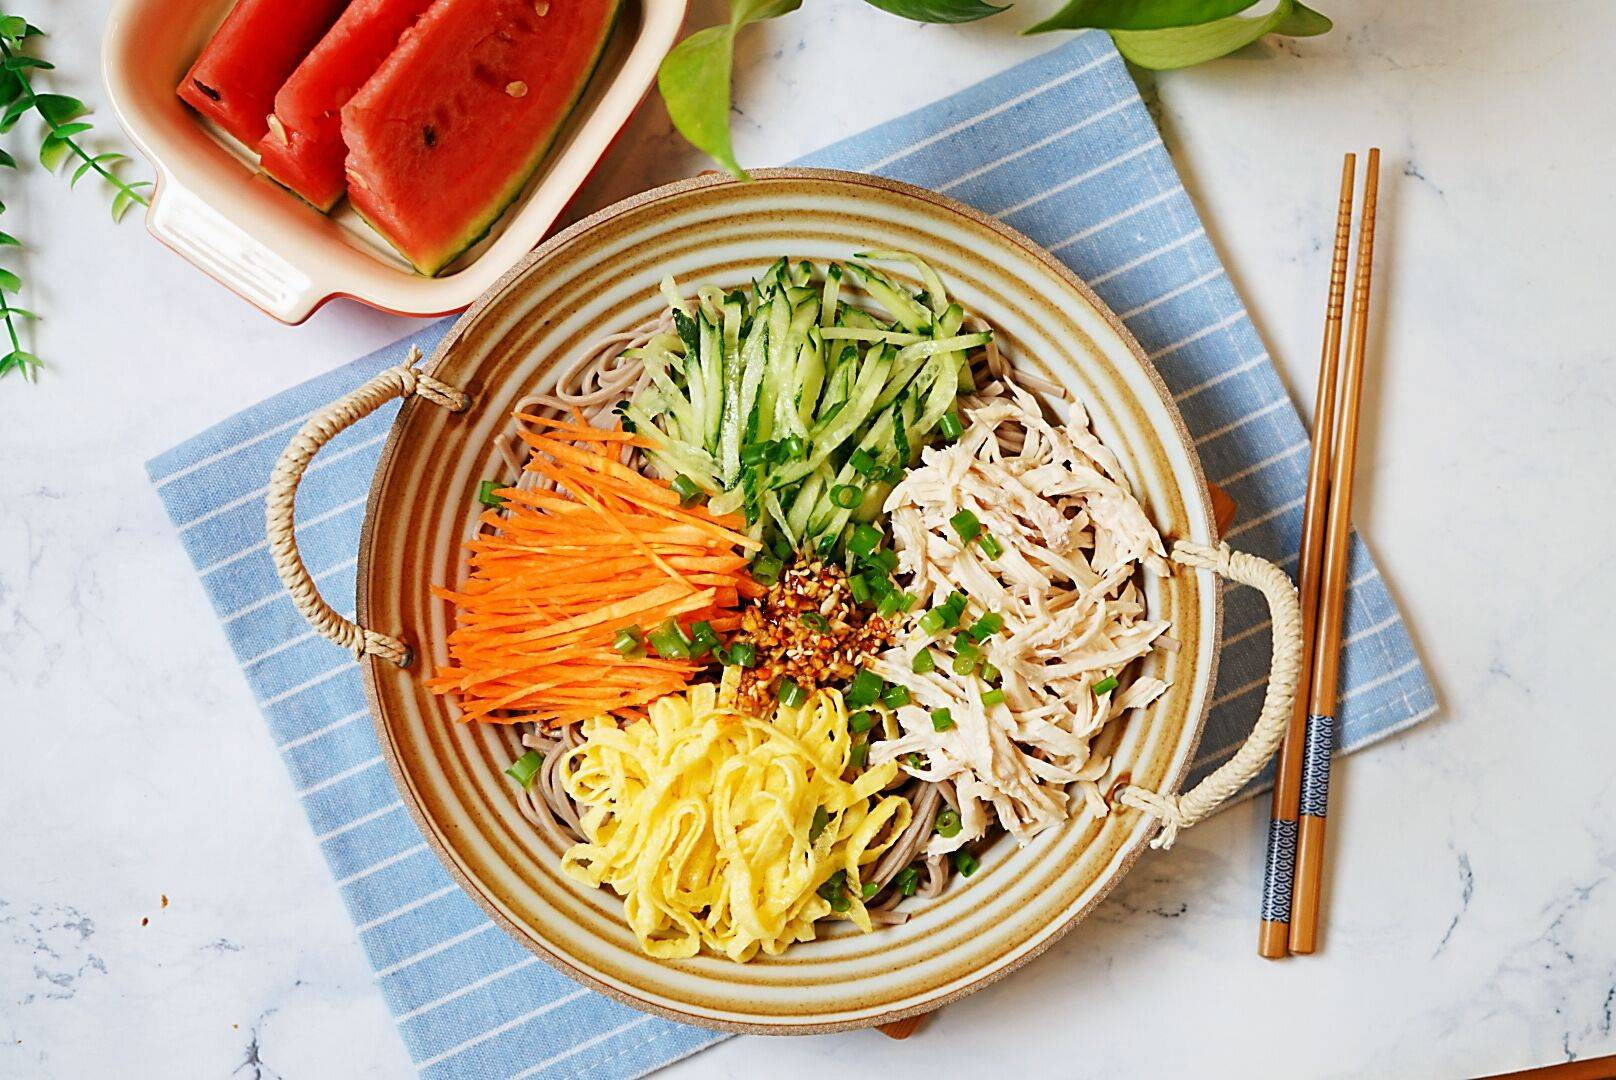 「清爽鸡丝凉面」的做法+配方,很适合夏季消暑又开胃的绝佳美食